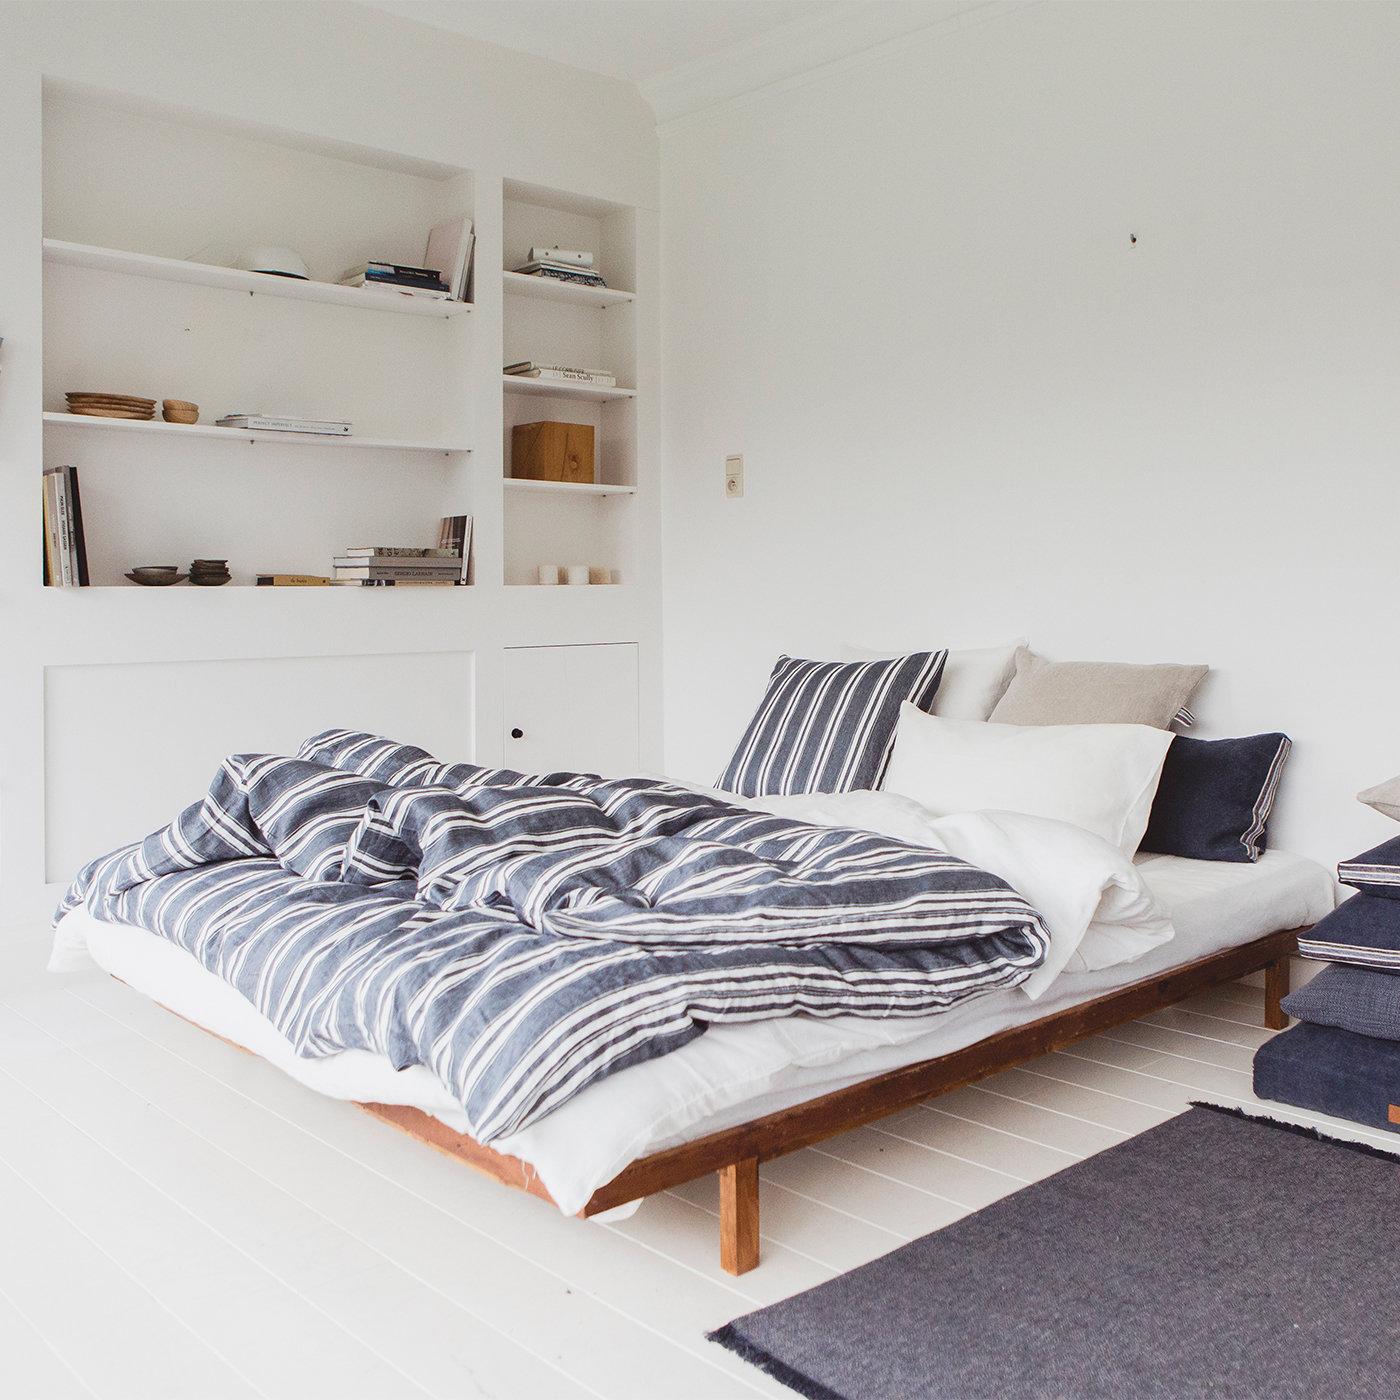 leinen bettw sche 155x220 entsorgung kissen bettdecken. Black Bedroom Furniture Sets. Home Design Ideas